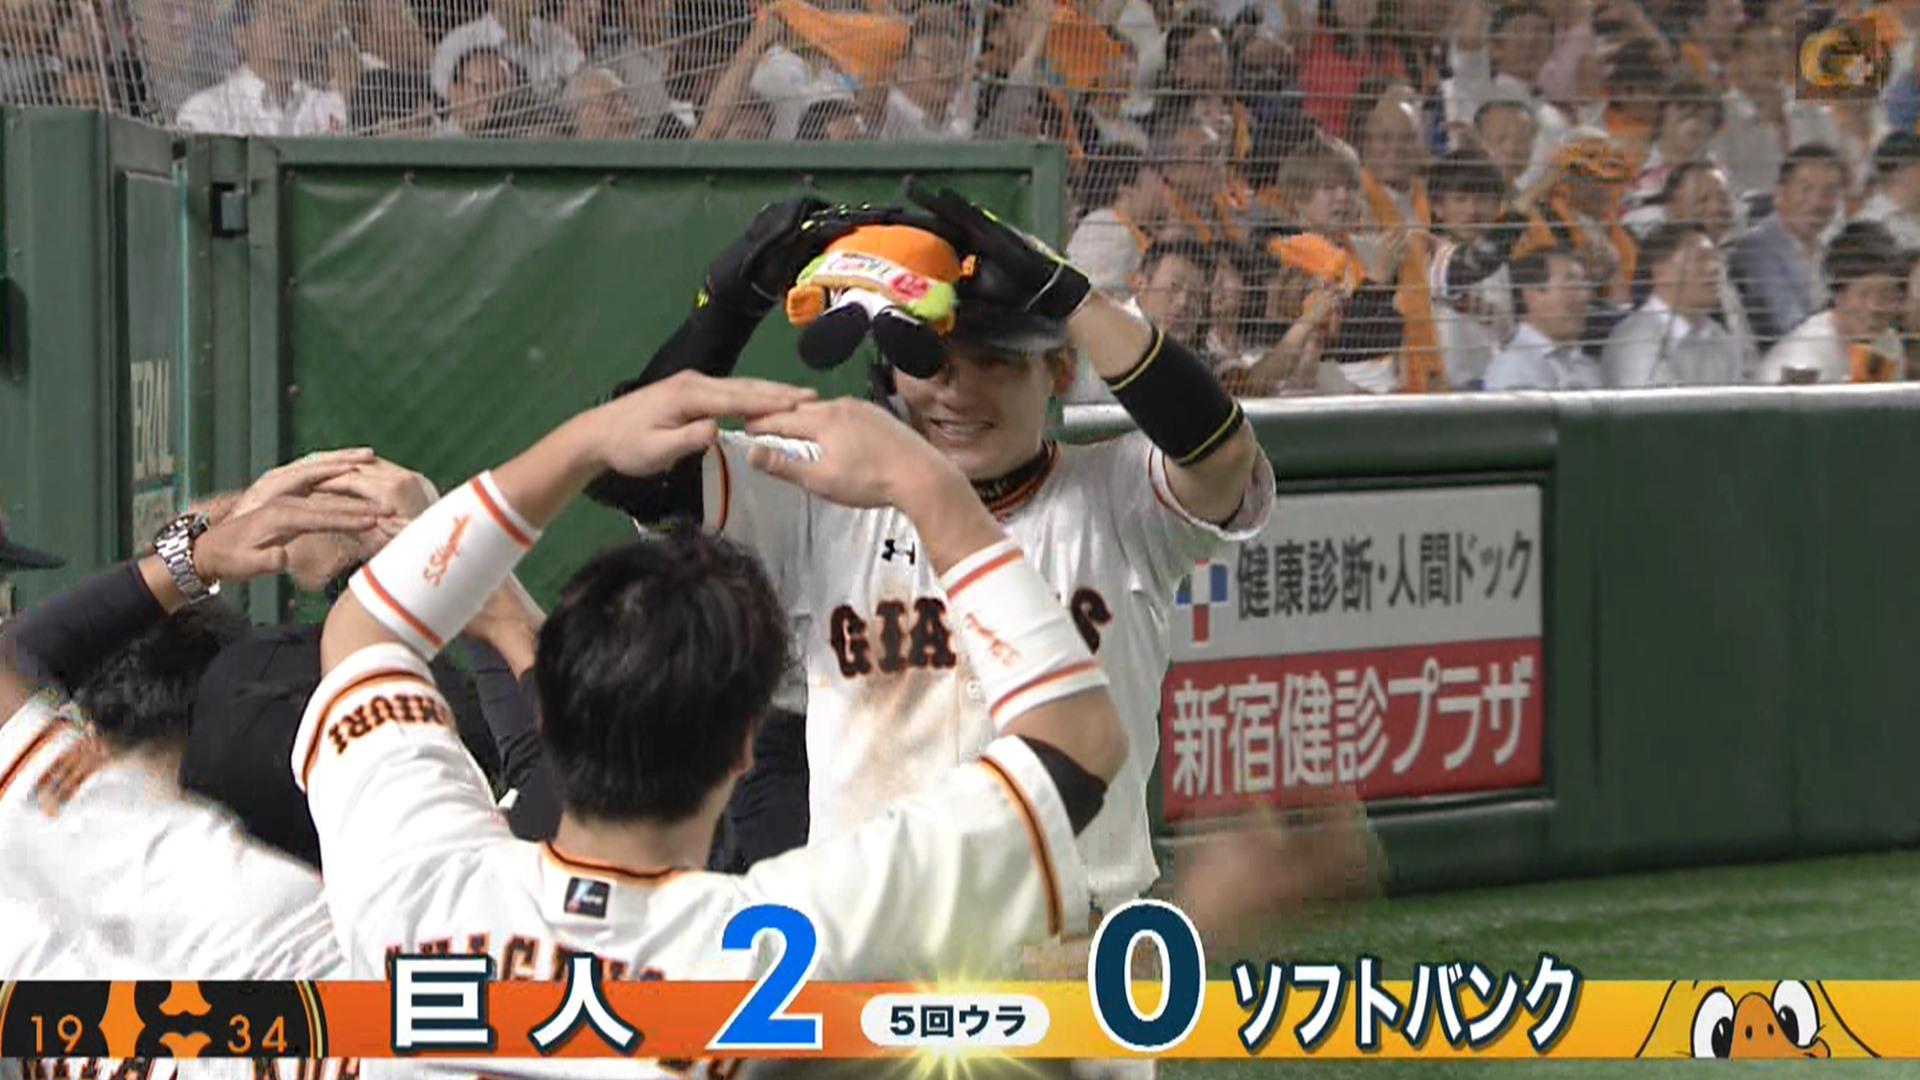 巨人・丸、千賀から3安打1本塁打